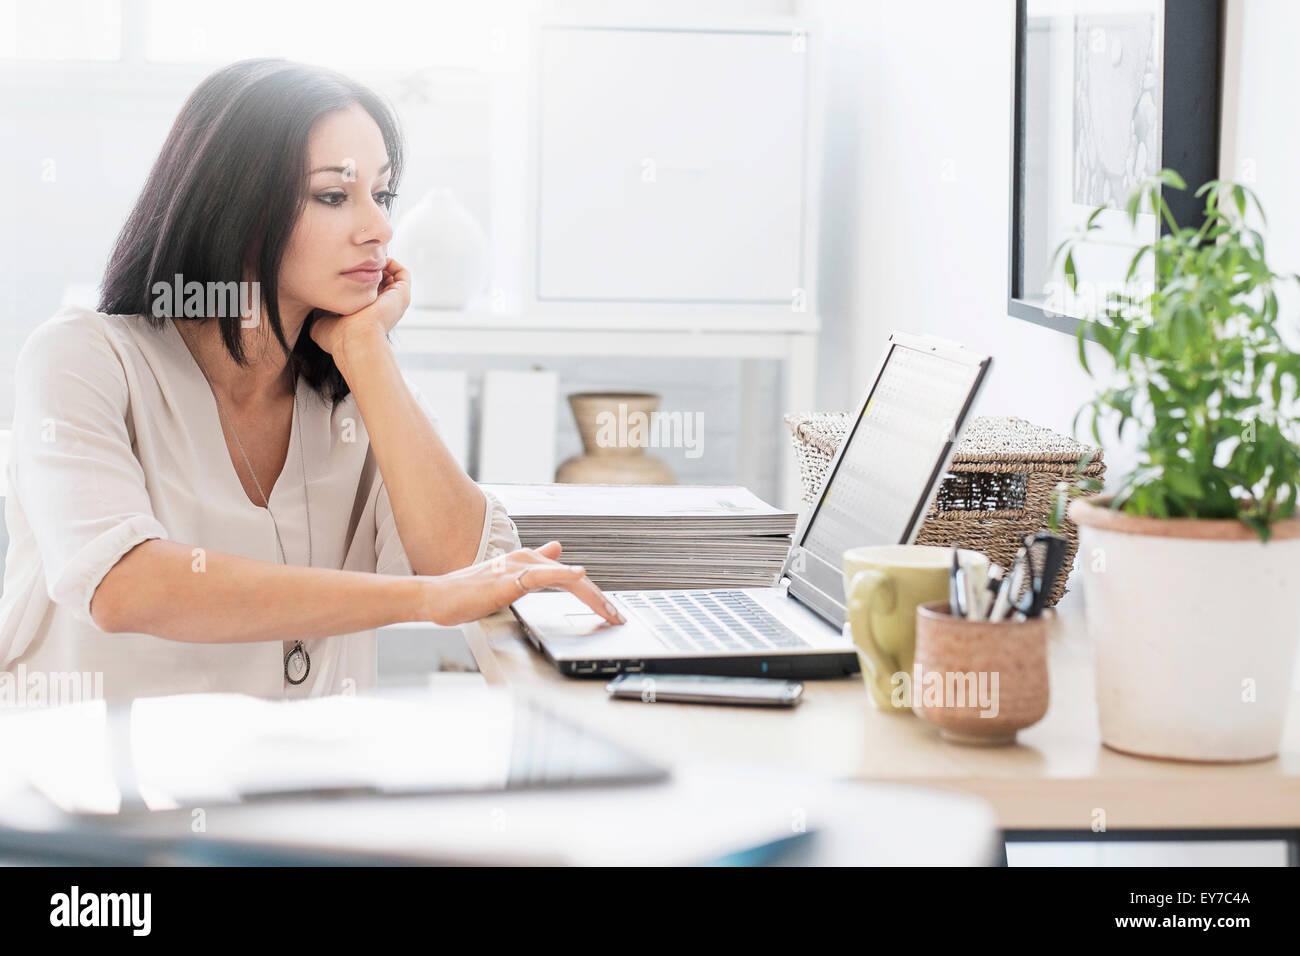 Frau sitzt am Schreibtisch mit laptop Stockbild